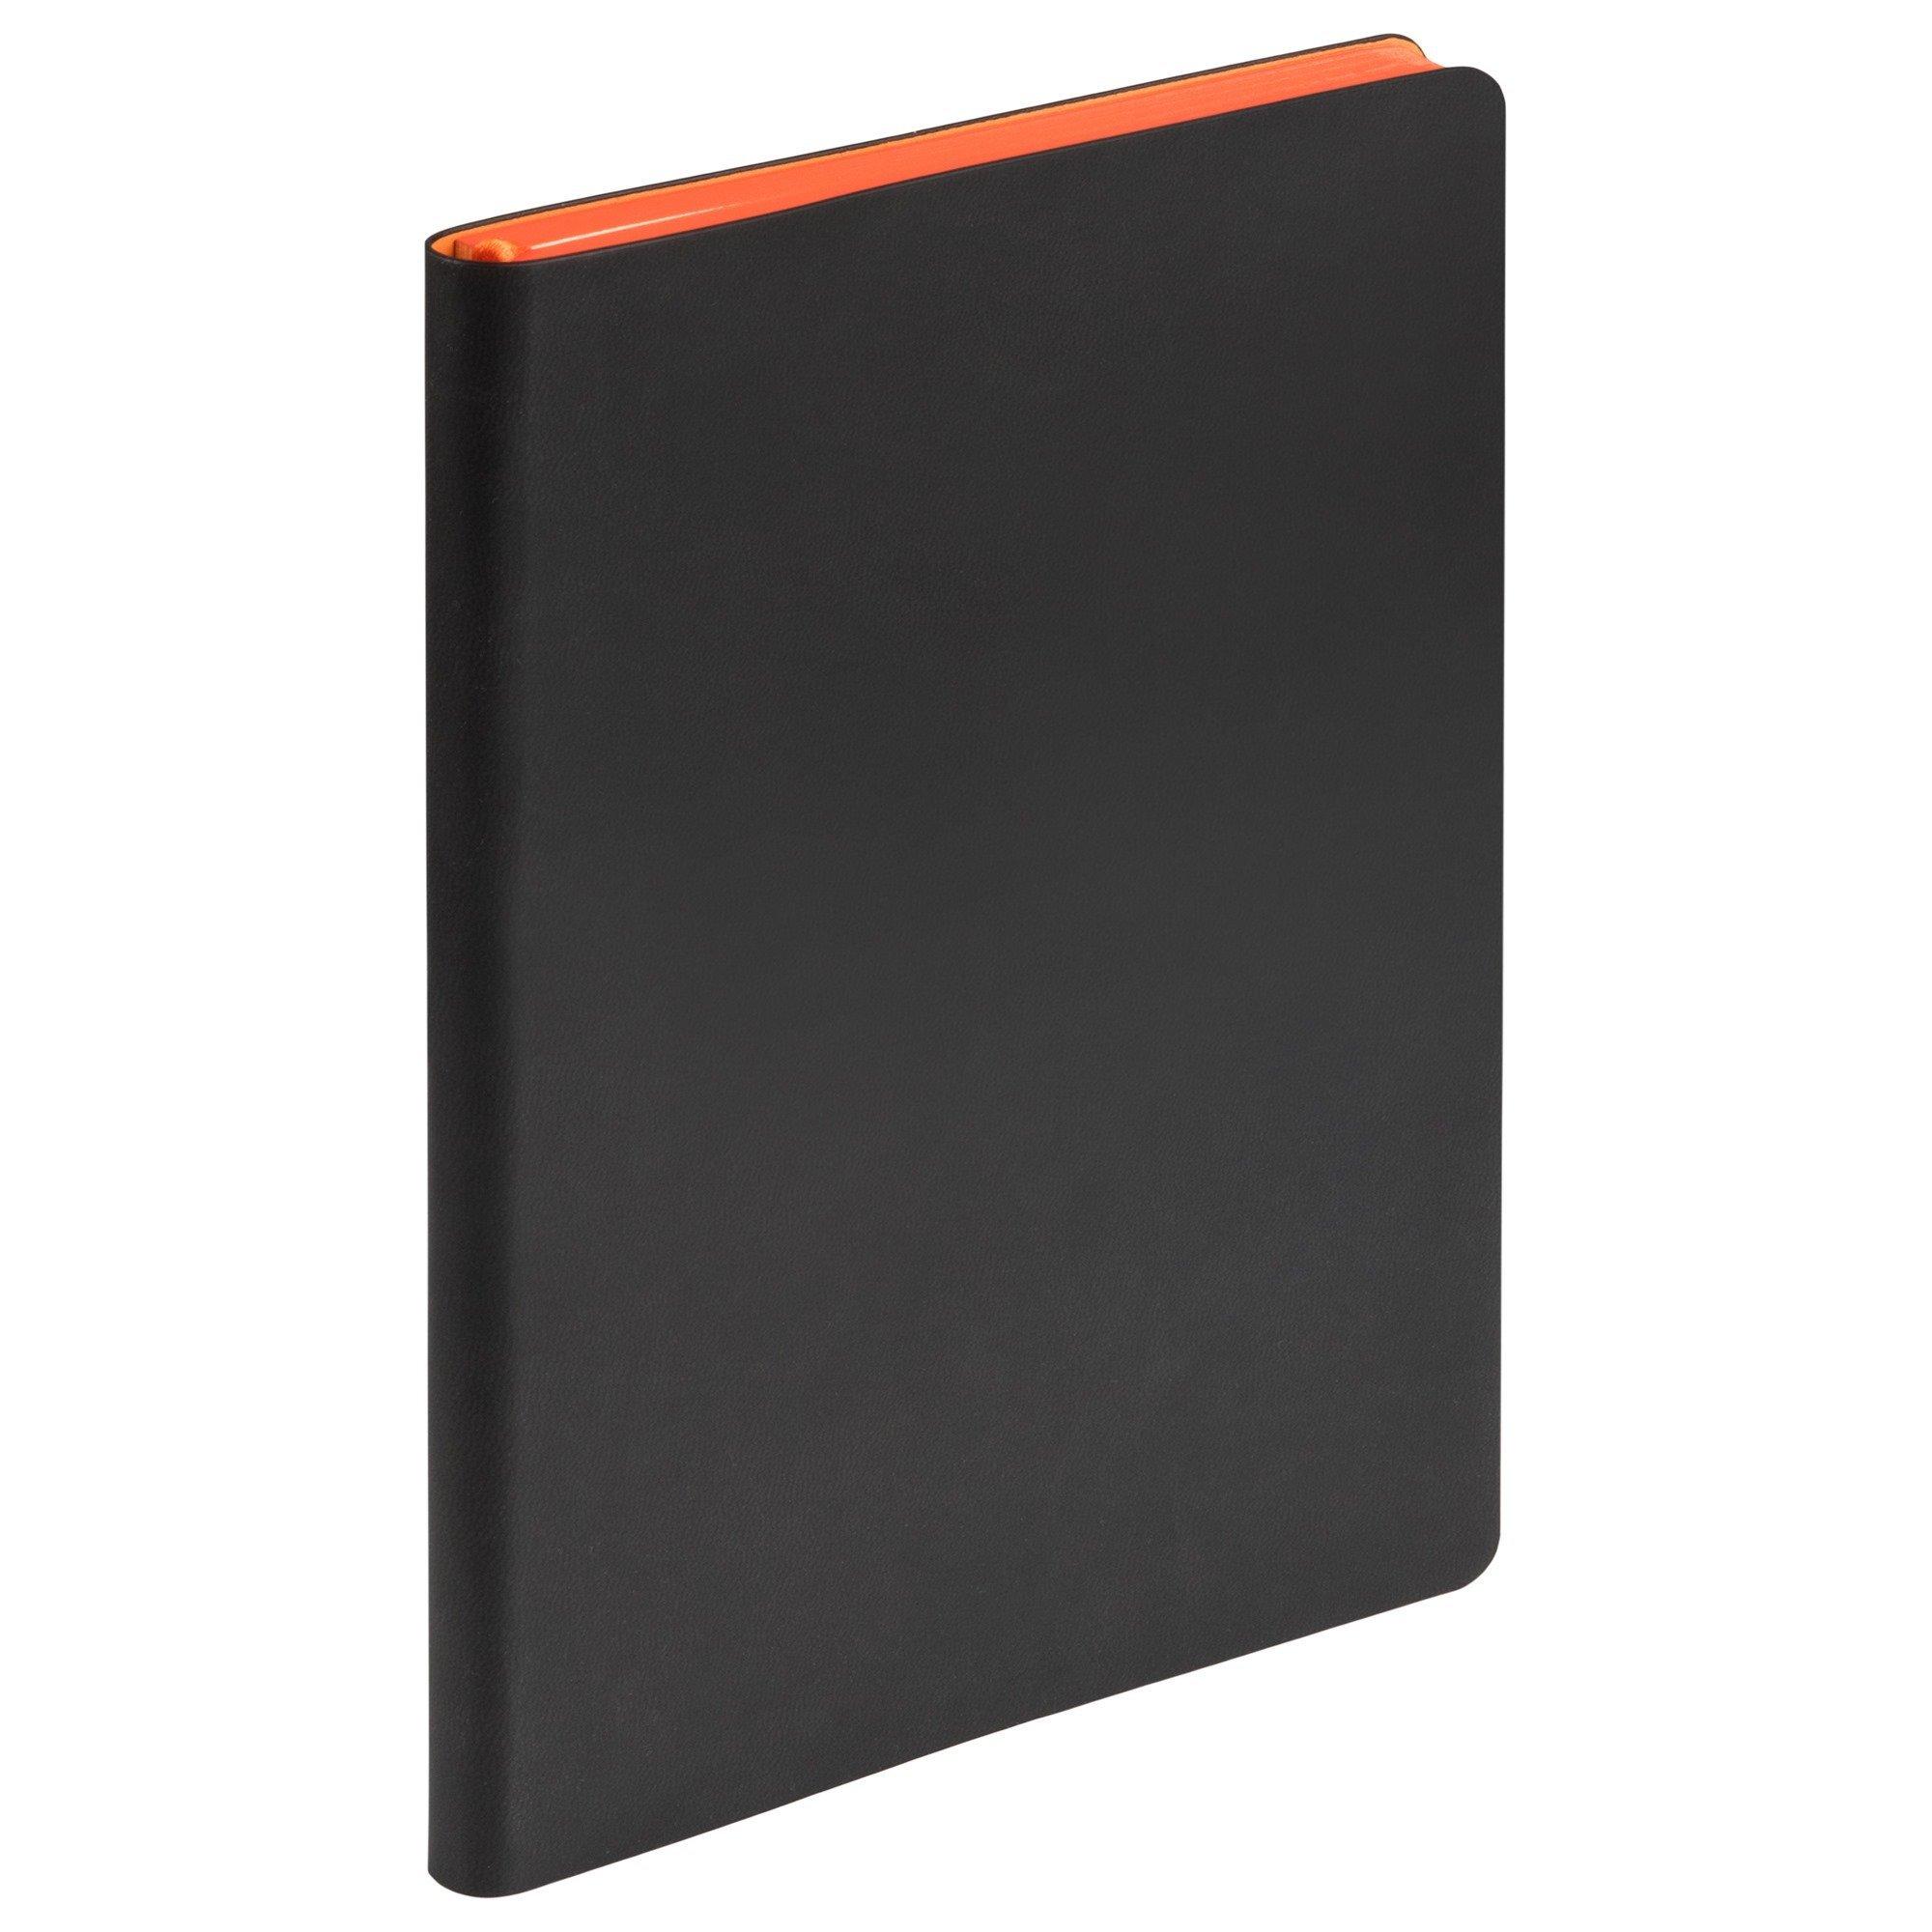 Ежедневник недатированный, Portobello Trend, Latte NEW, 145х210, 256 стр, черный/оранжевый